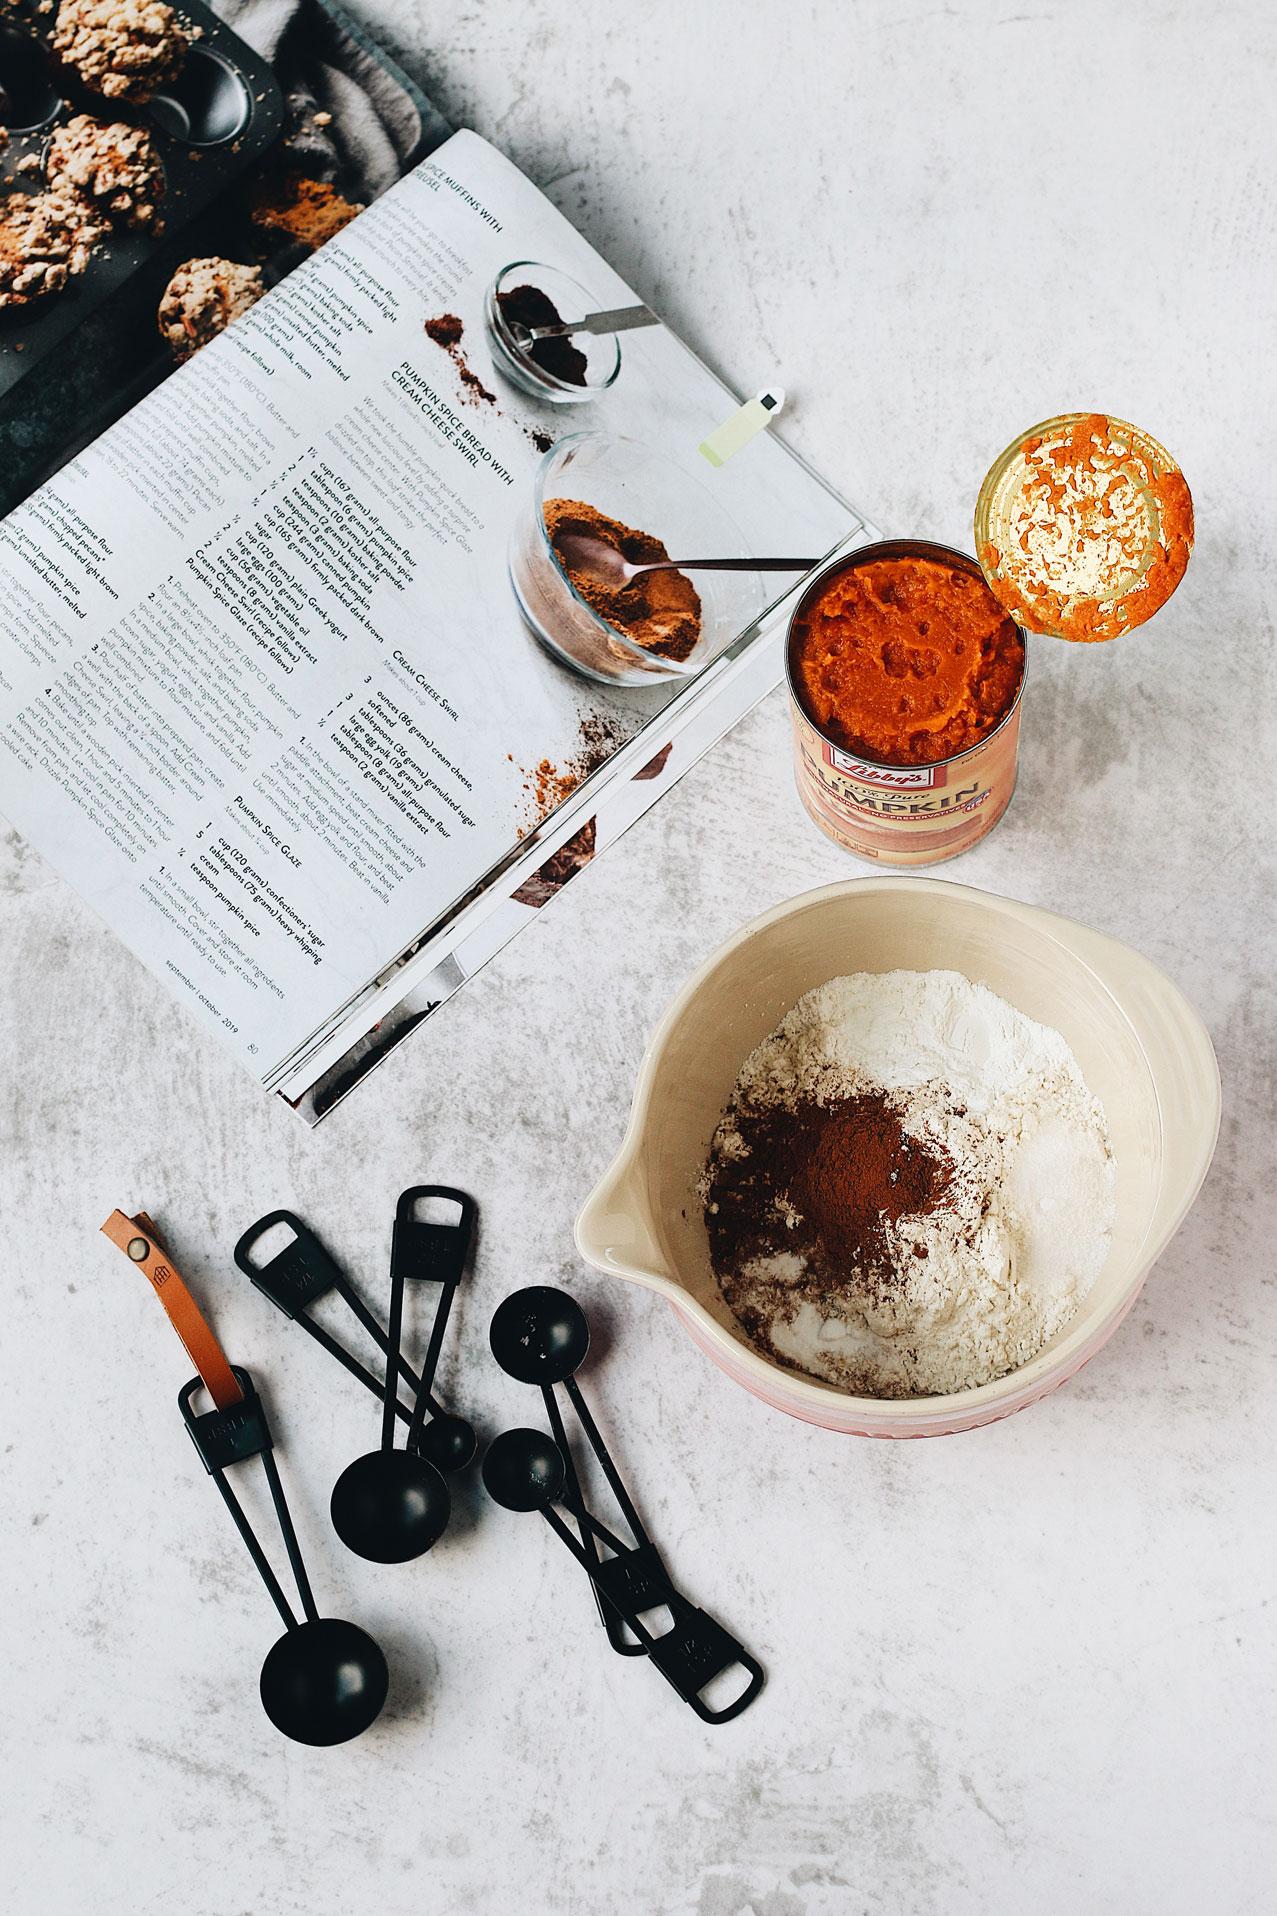 Pumpkin-Spice-Bread-with-Cream-Cheese-Swirl-prep